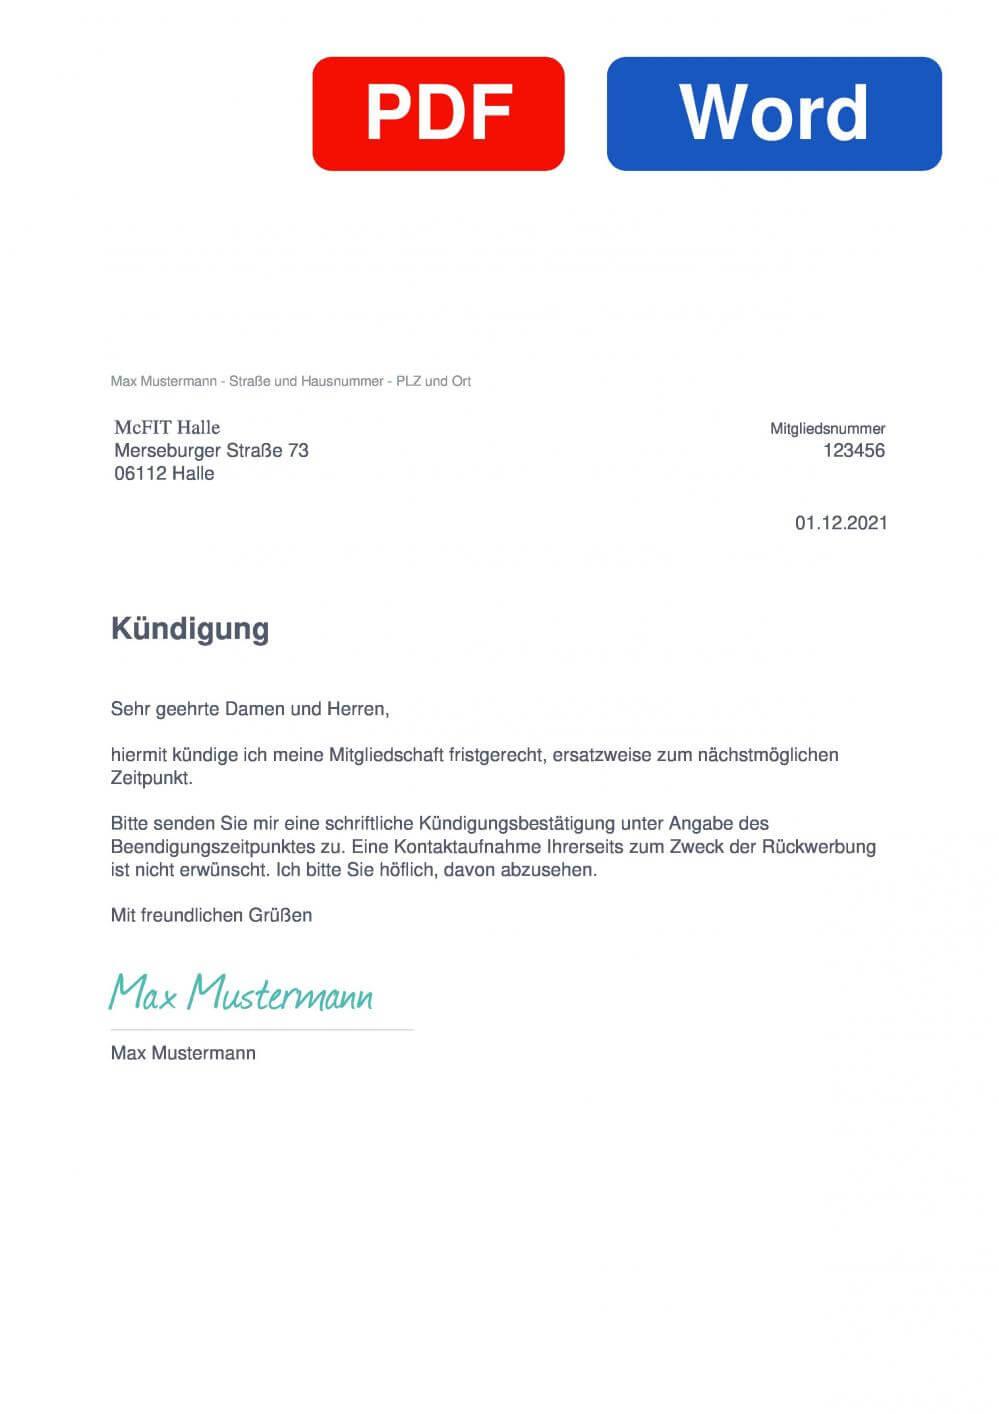 McFIT Halle Muster Vorlage für Kündigungsschreiben